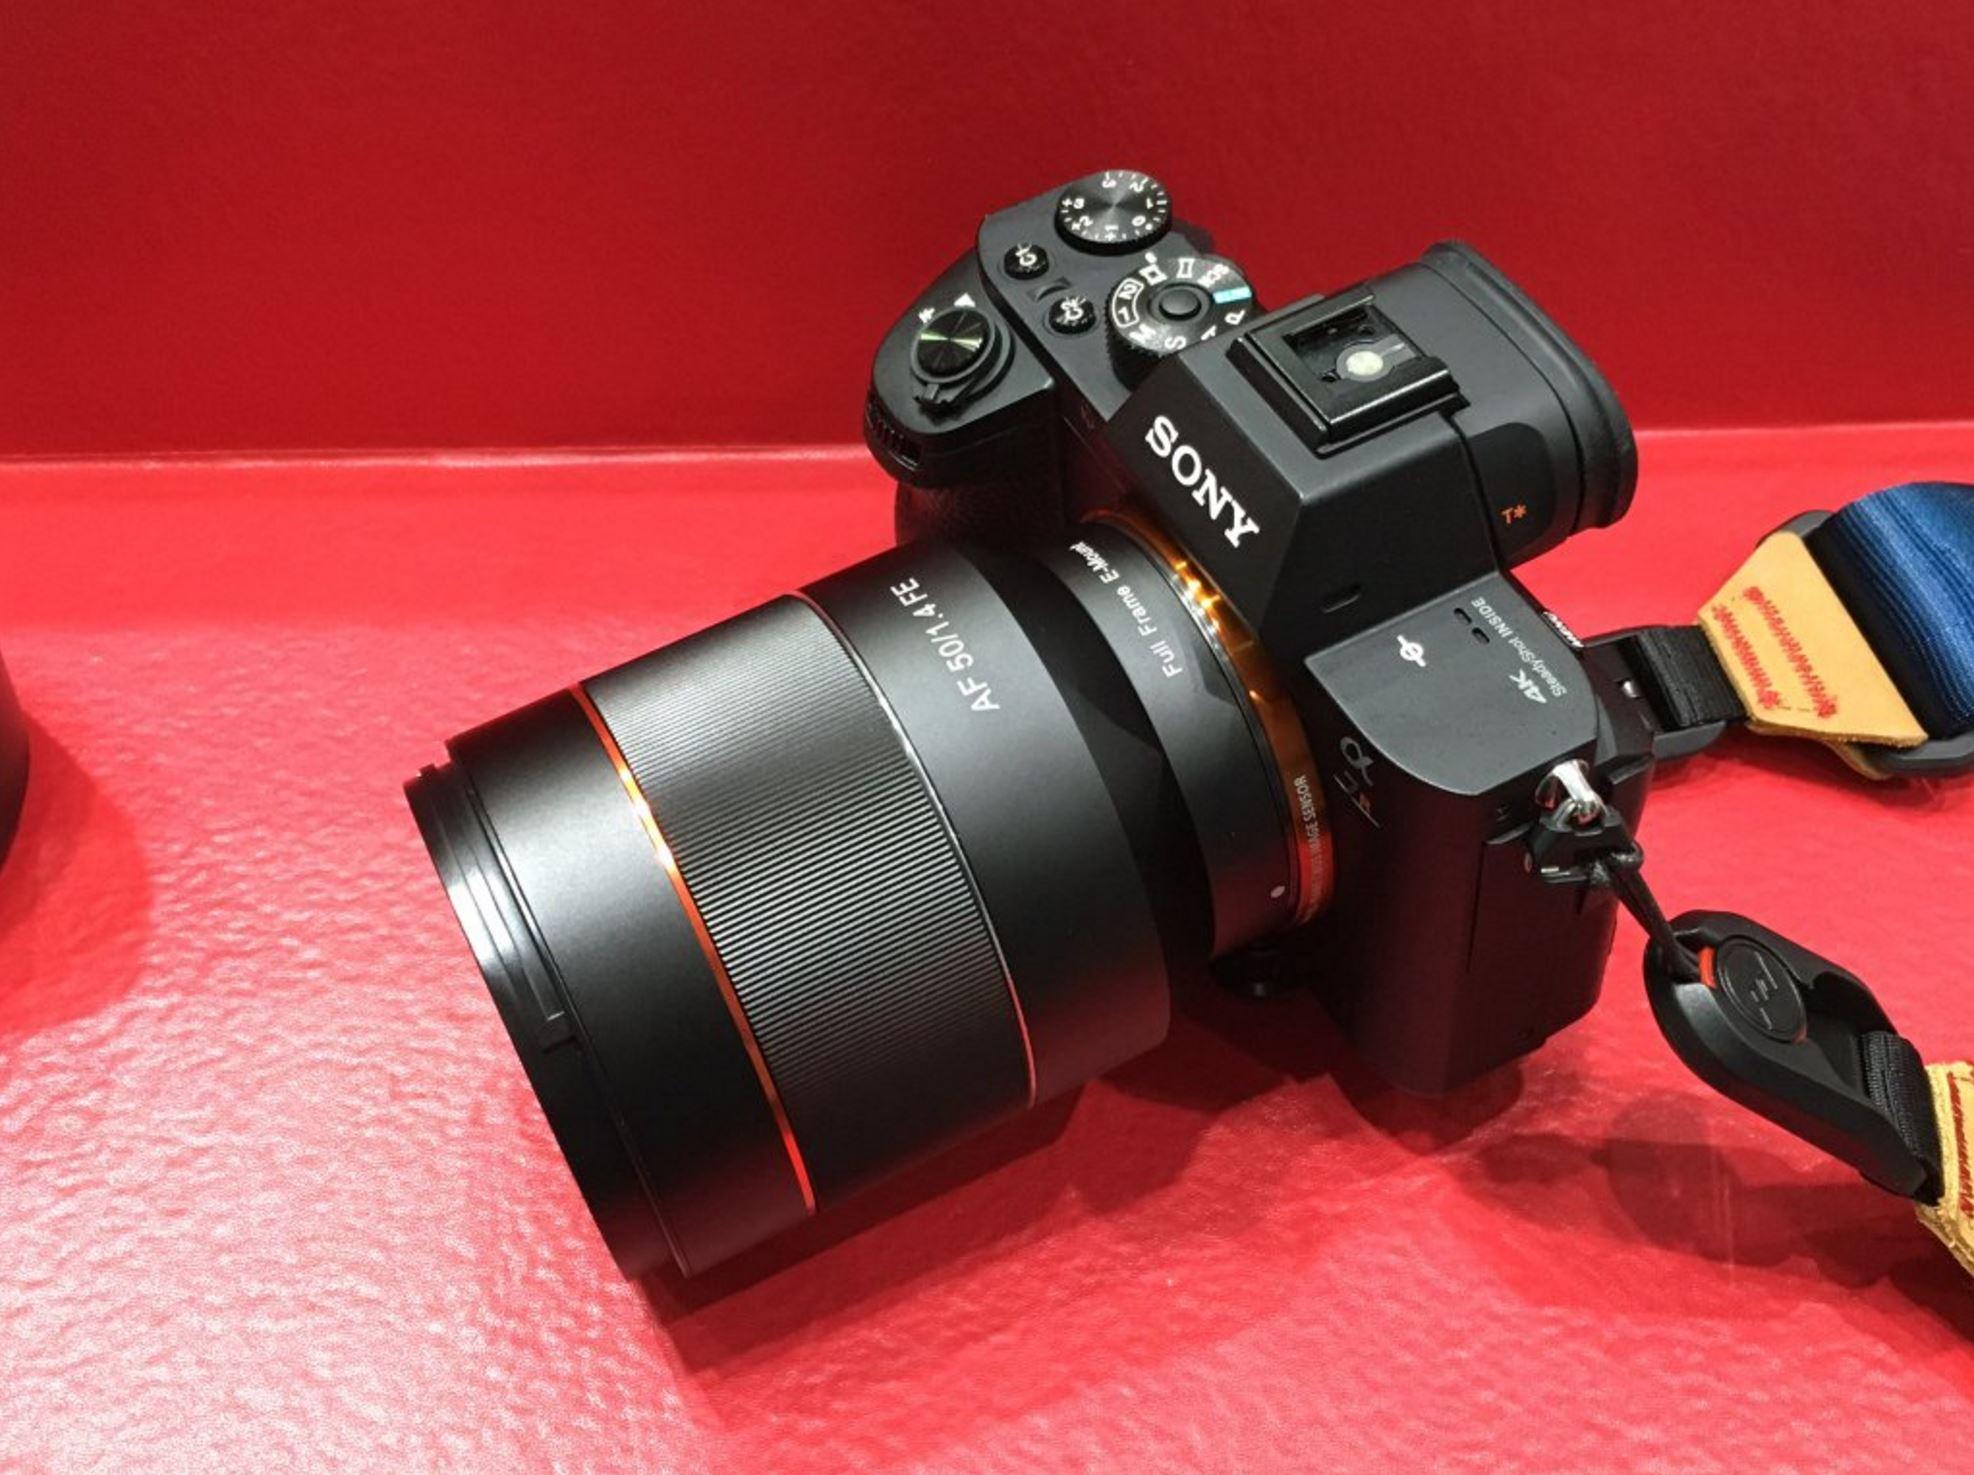 Samyang Af 50mm F 1 4 Fe Lens Tested On A7rii And Price